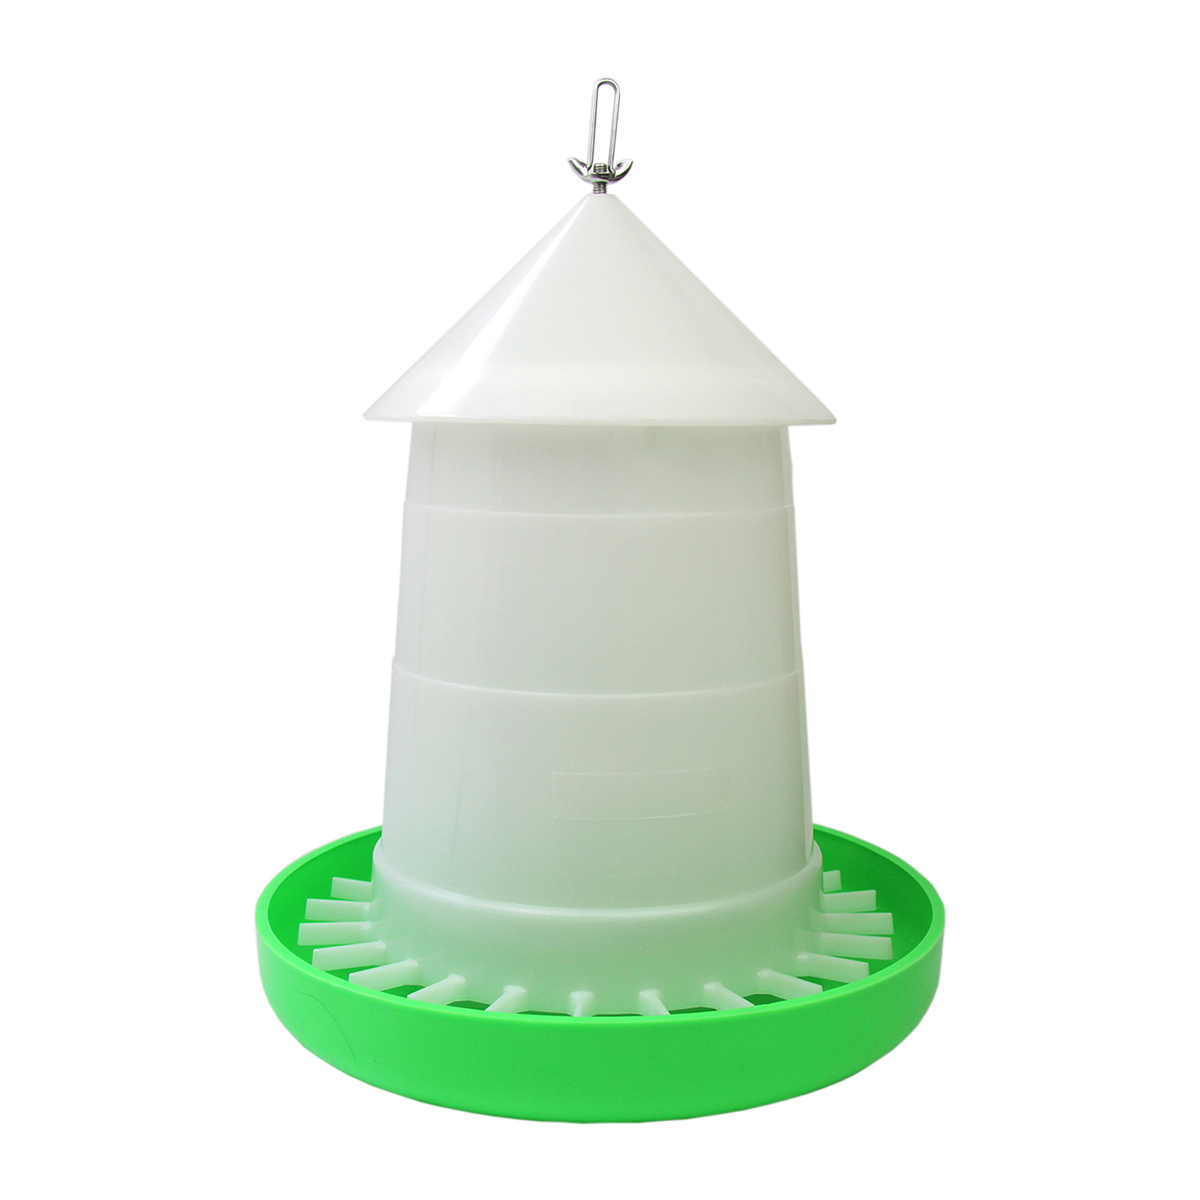 【(屋根付き)給餌量調節機能付き】鳥用自動給餌器 容量5kg【ニワトリ・ウコッケイ・キジ類用】